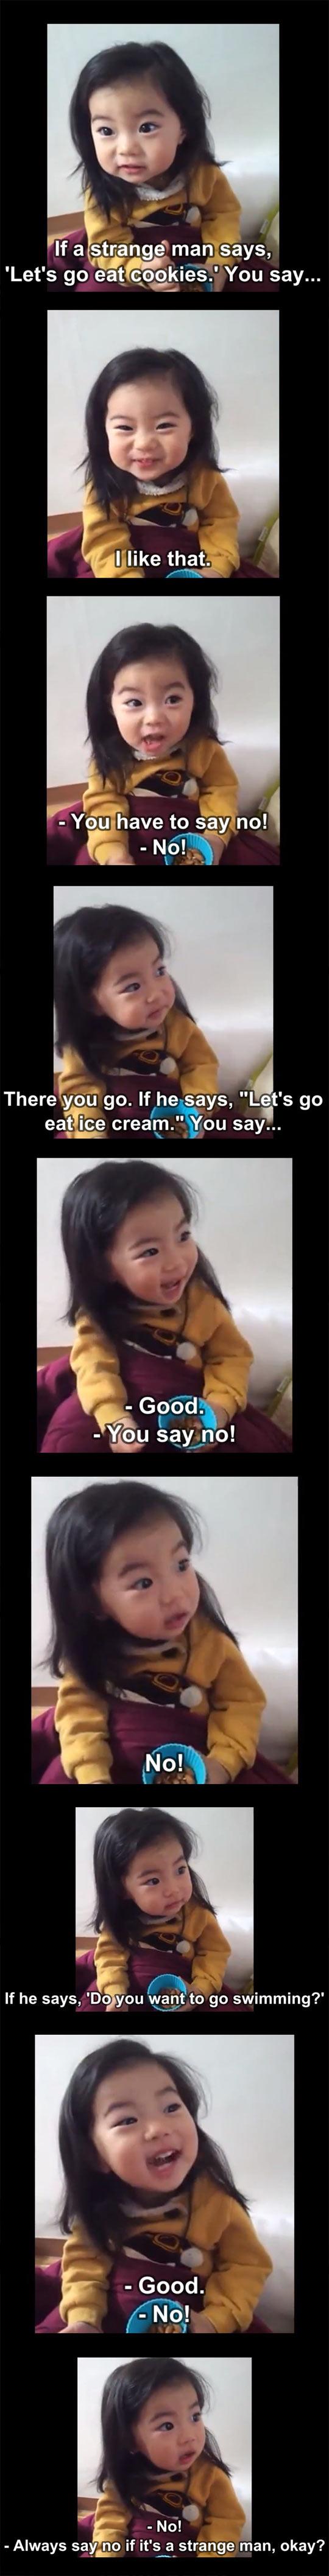 cute-little-girl-strangers-lesson-fail